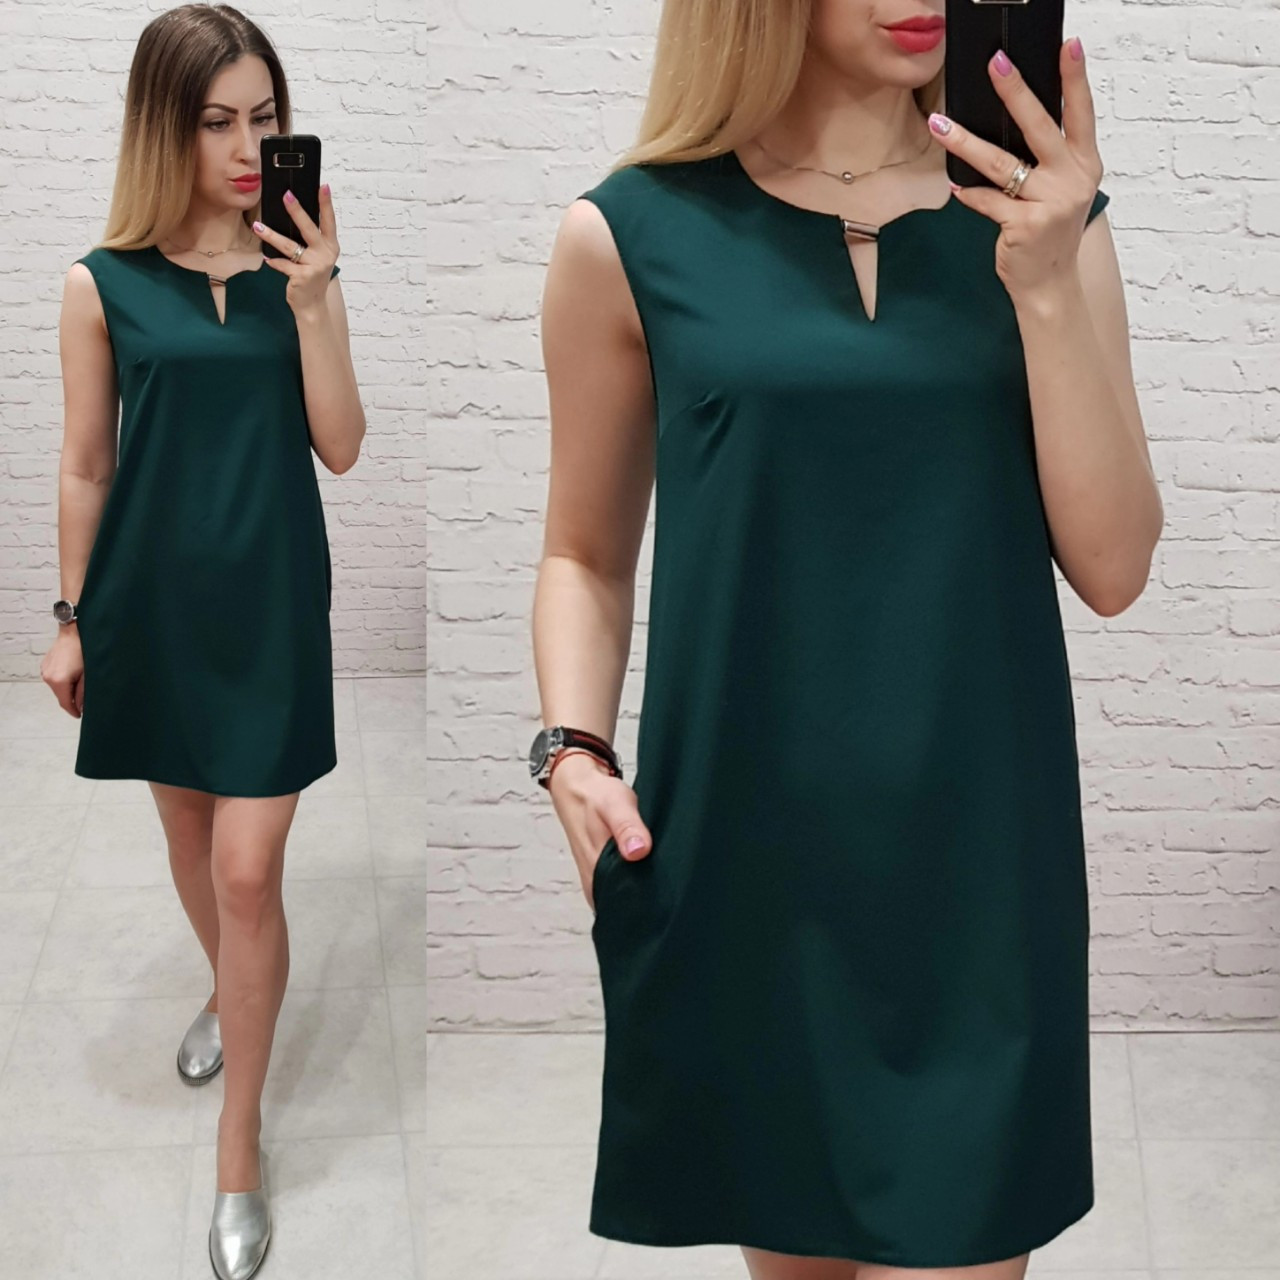 Платье (747/1)зеленое бутылочное / темно зеленый /  темно-зеленого цвета